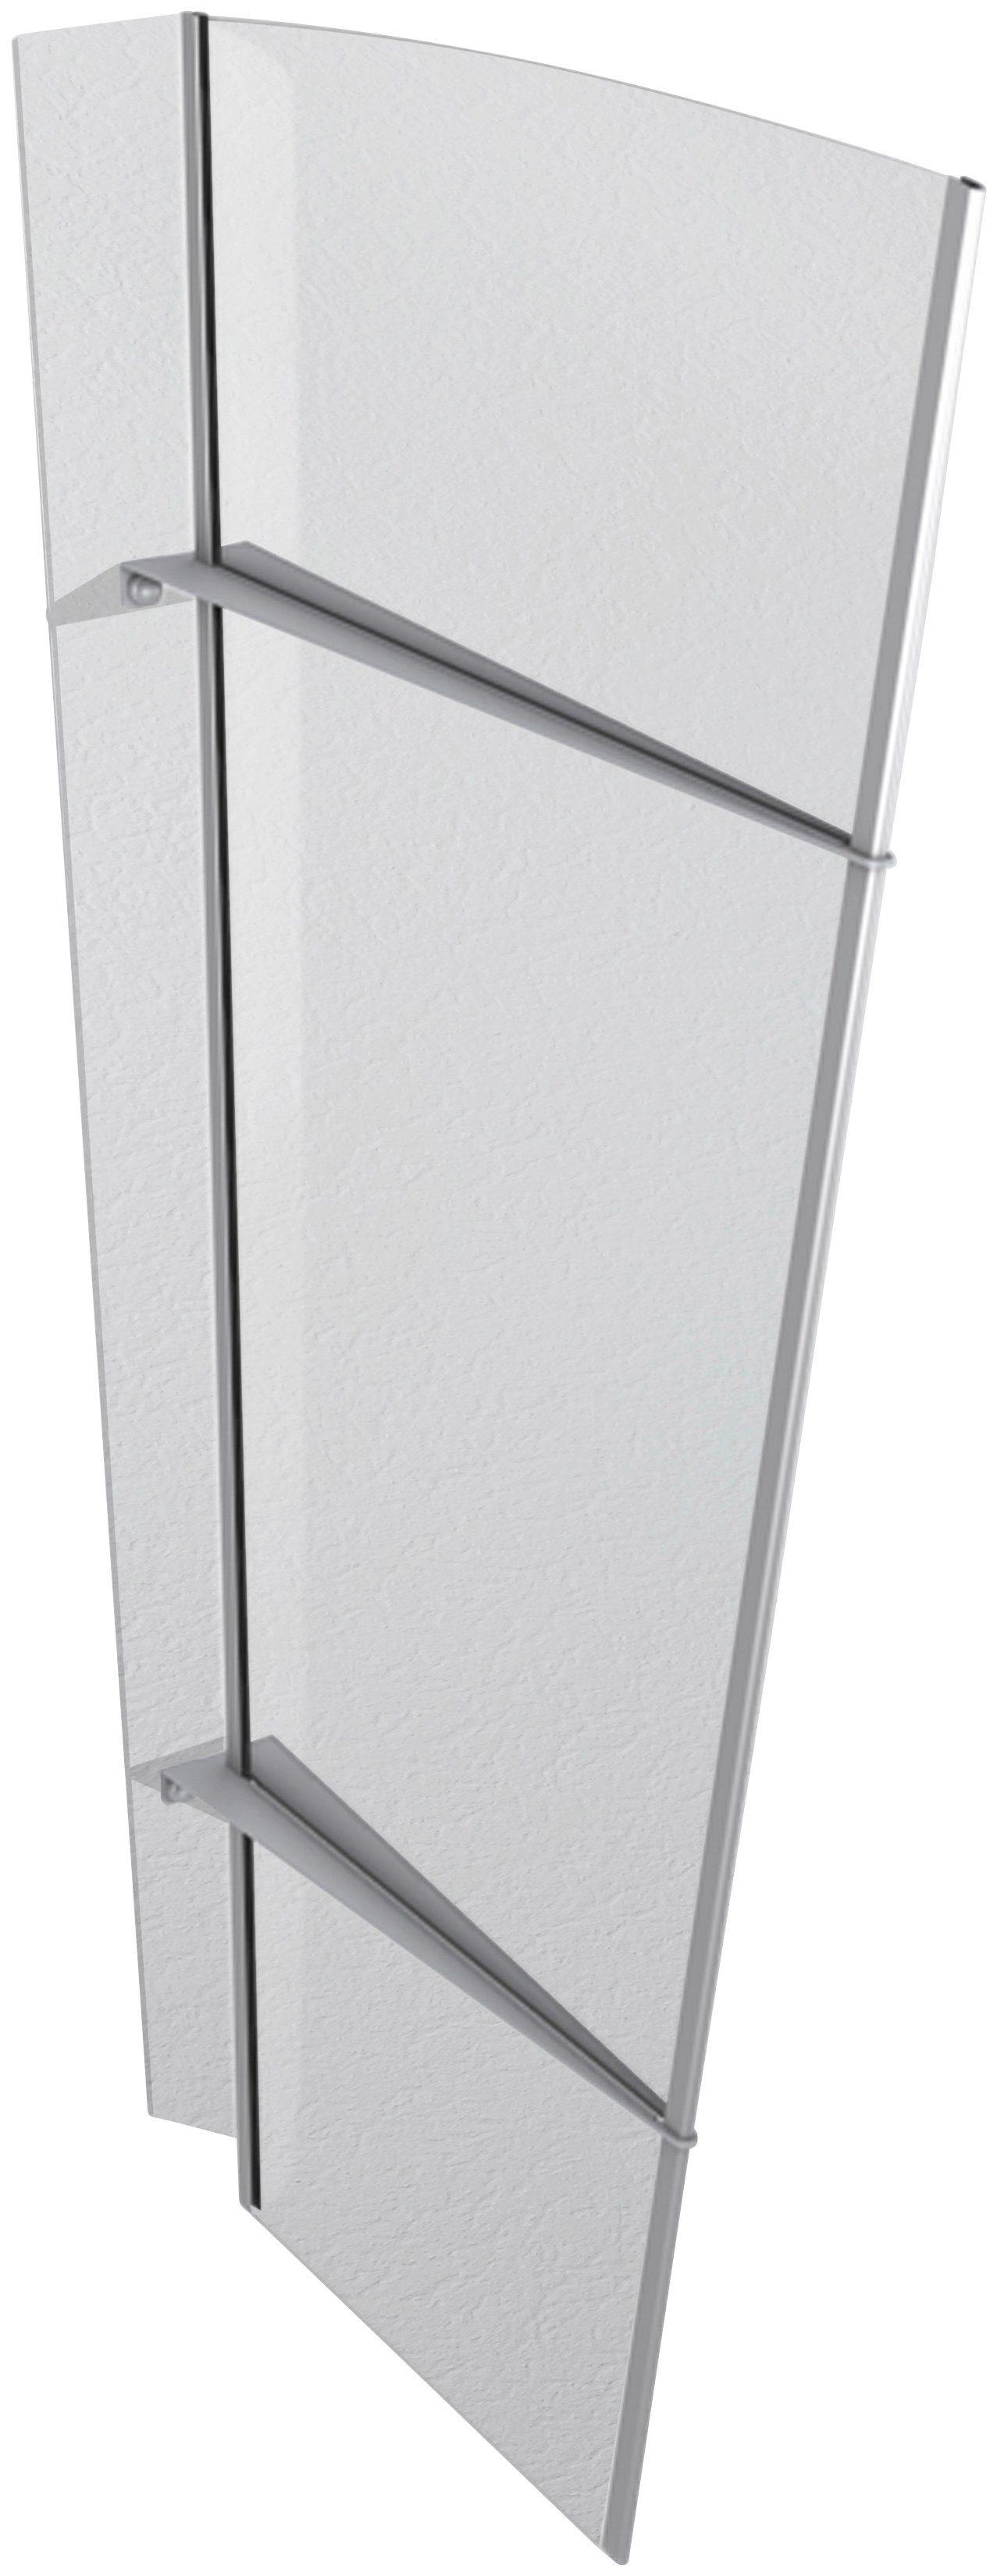 Gutta Seitenteile für Vordächer »XL Edelstahl«, BxH: 85x167 cm, silberfarben/transparent